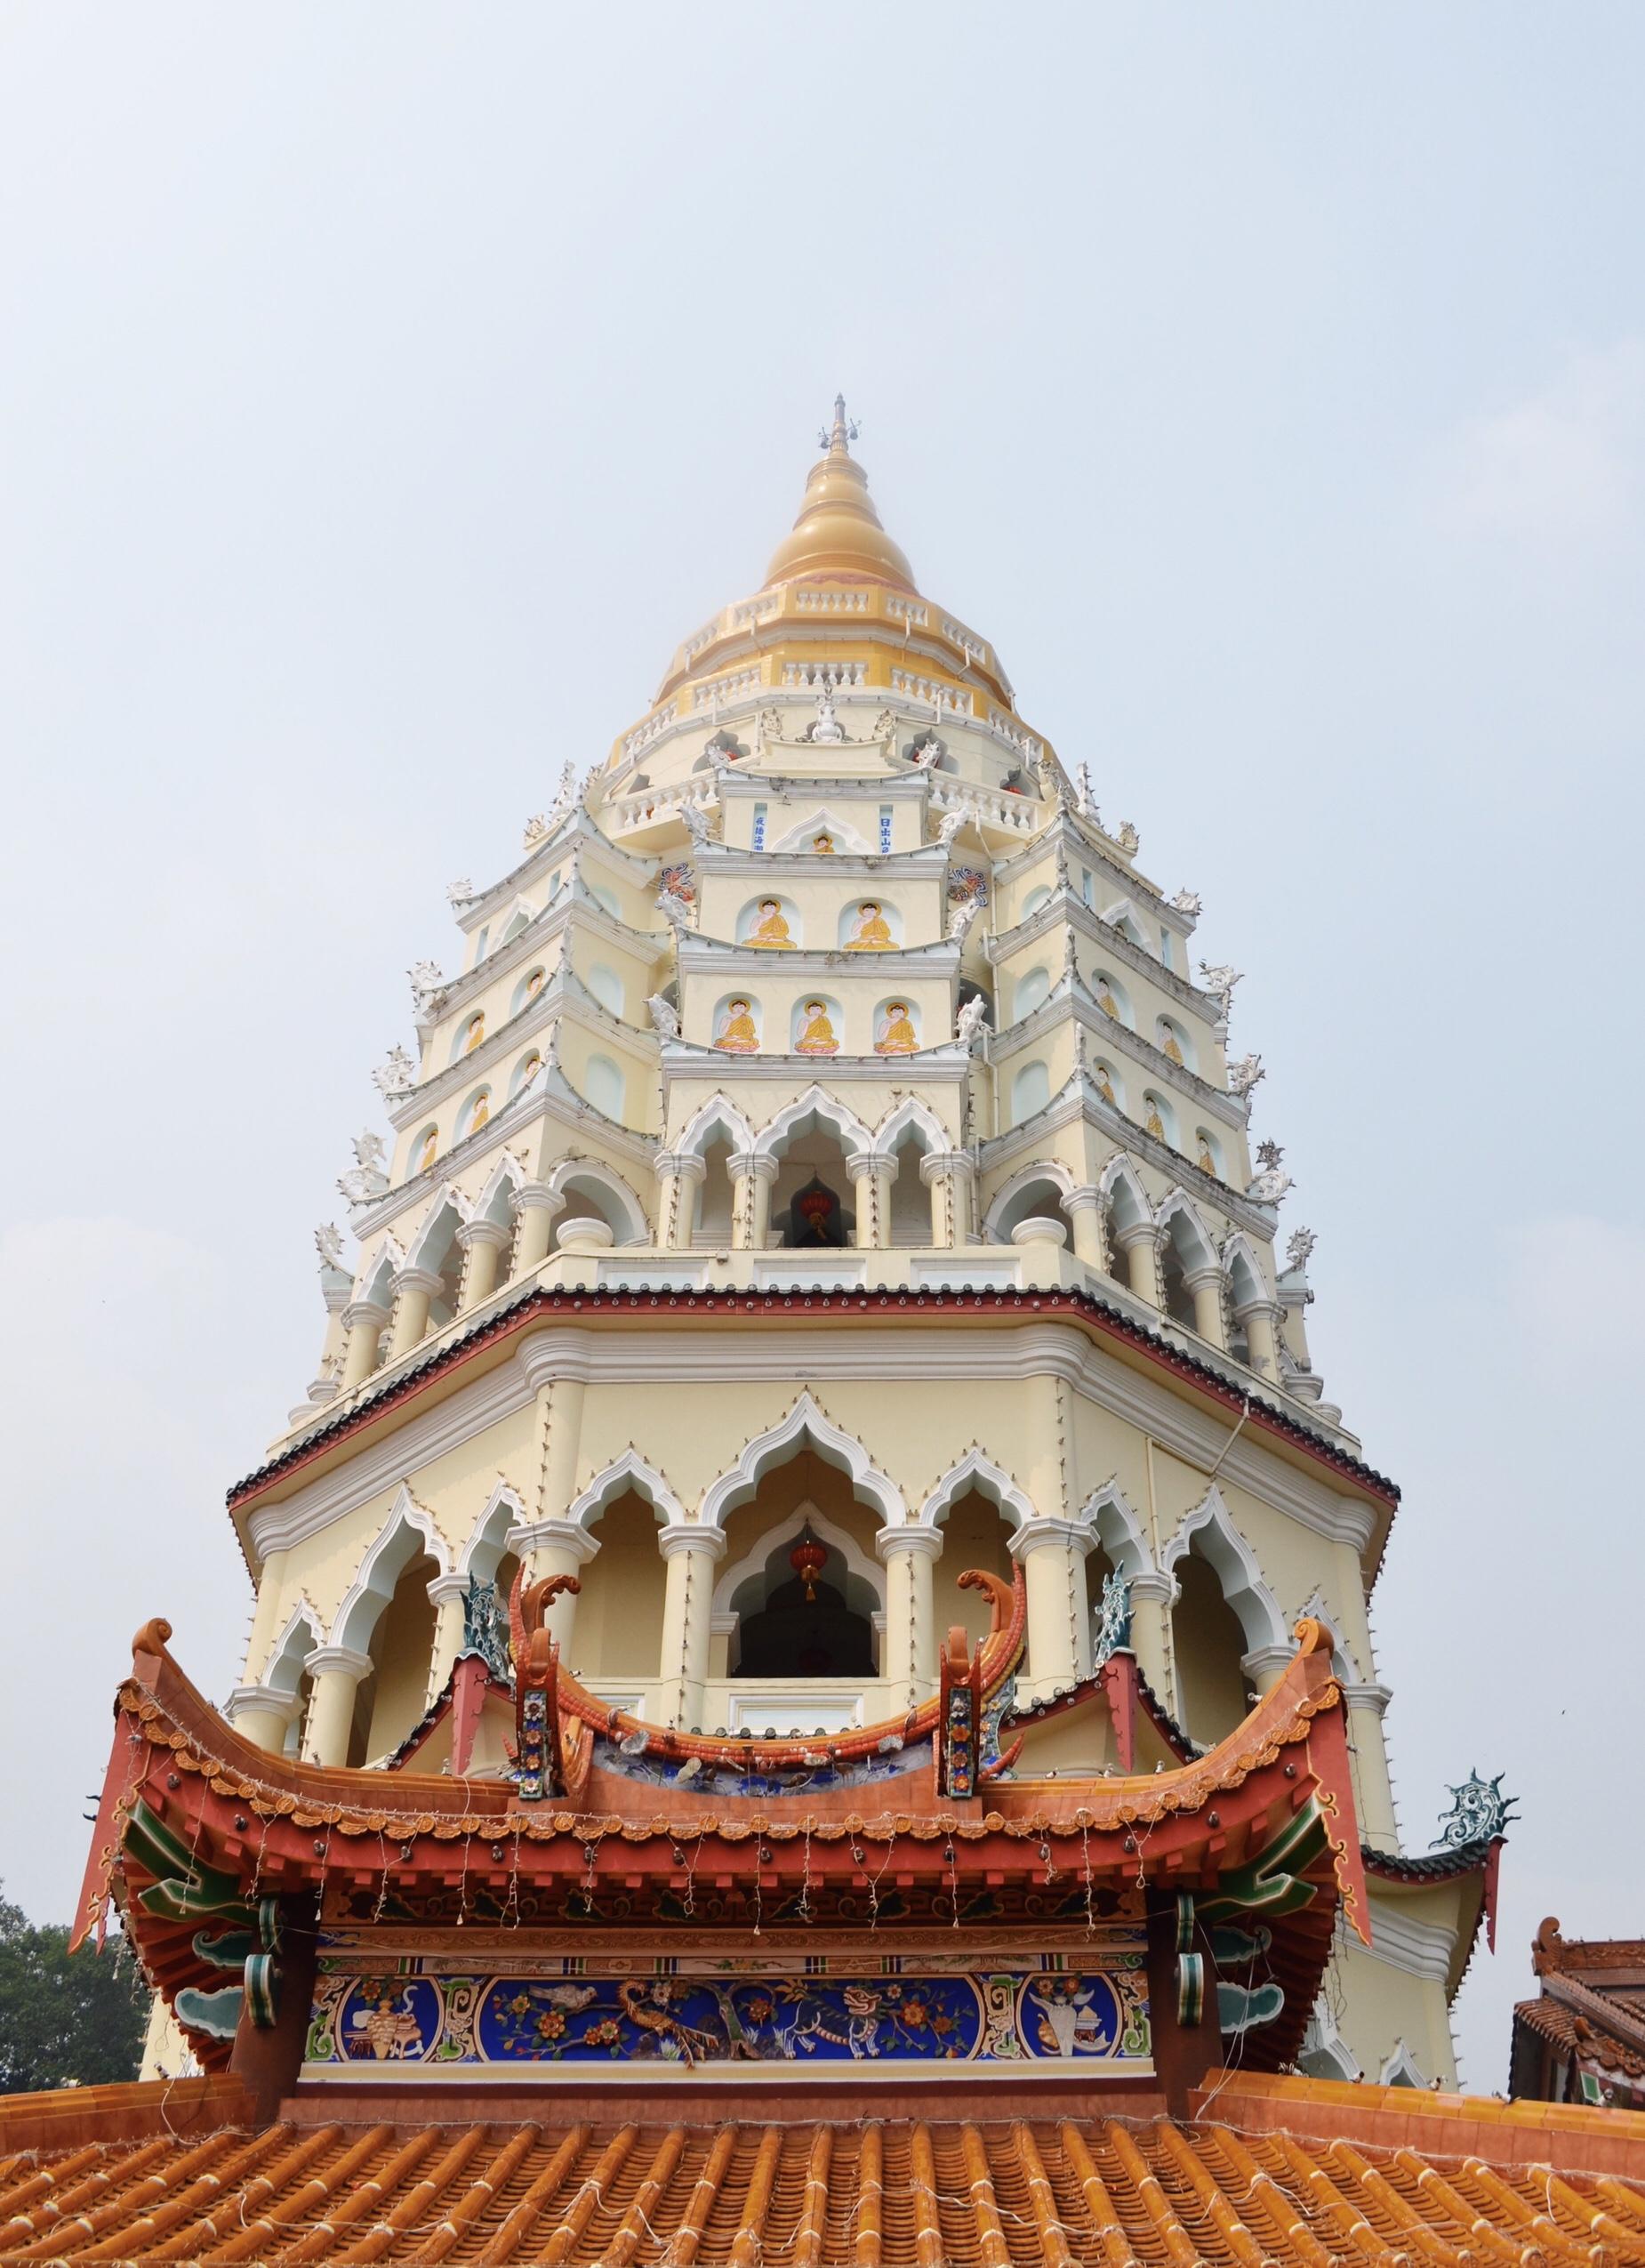 Kek Lok Si temple in Malaysia